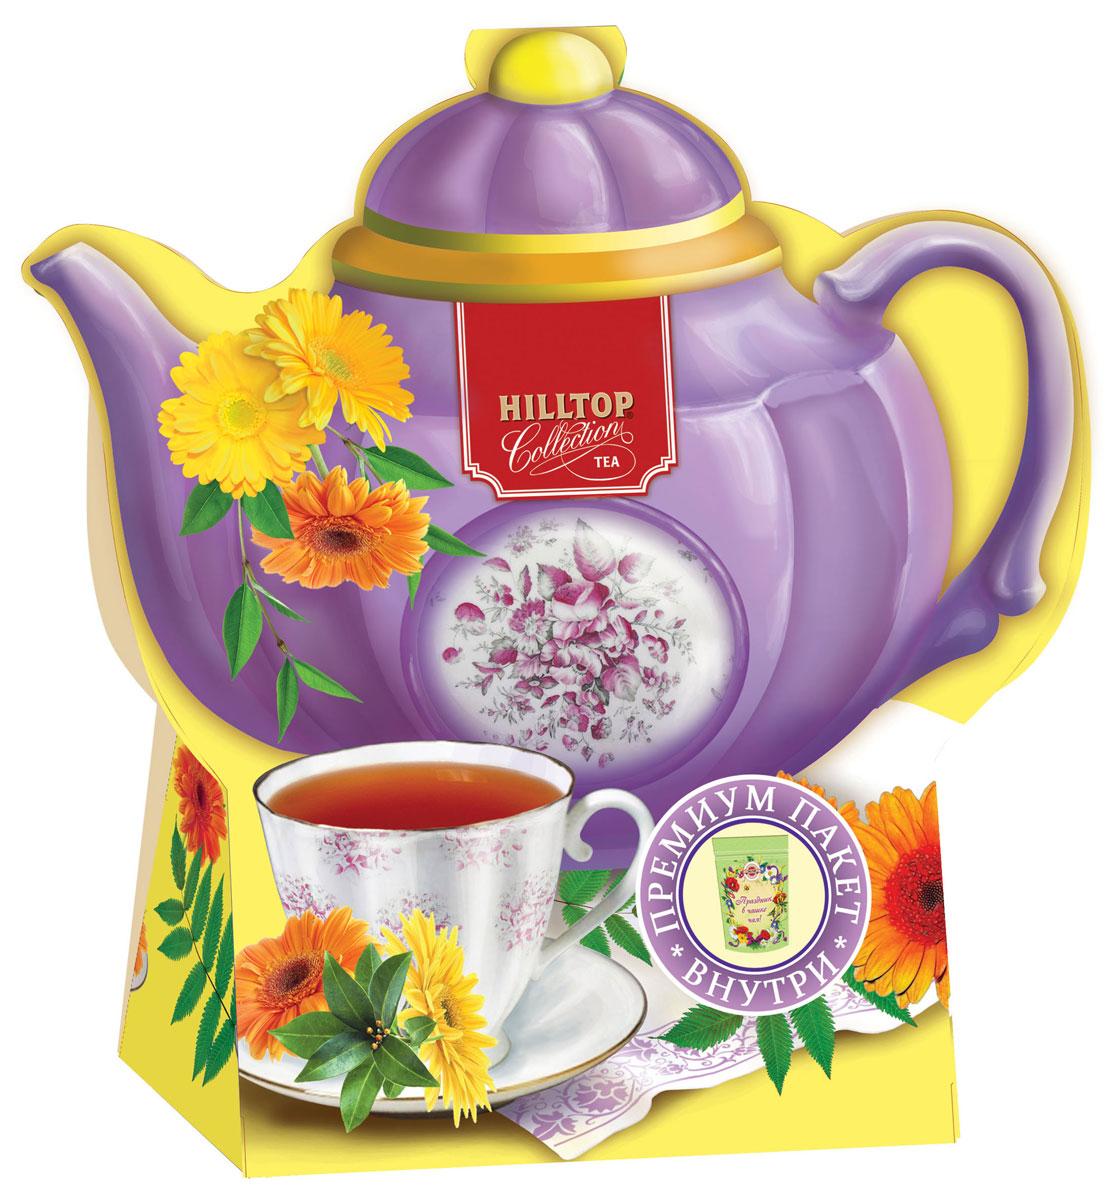 Hilltop Подарок Цейлона черный листовой чай, 80 г (чайник фиолетовый)0324-24Крупнолистовой цейлонский черный чай Hilltop Подарок Цейлона с глубоким, насыщенным вкусом и изумительным ароматом. Благодаря красивой праздничной упаковке вы можете подарить этот прекрасный чай своим друзьям и близким.